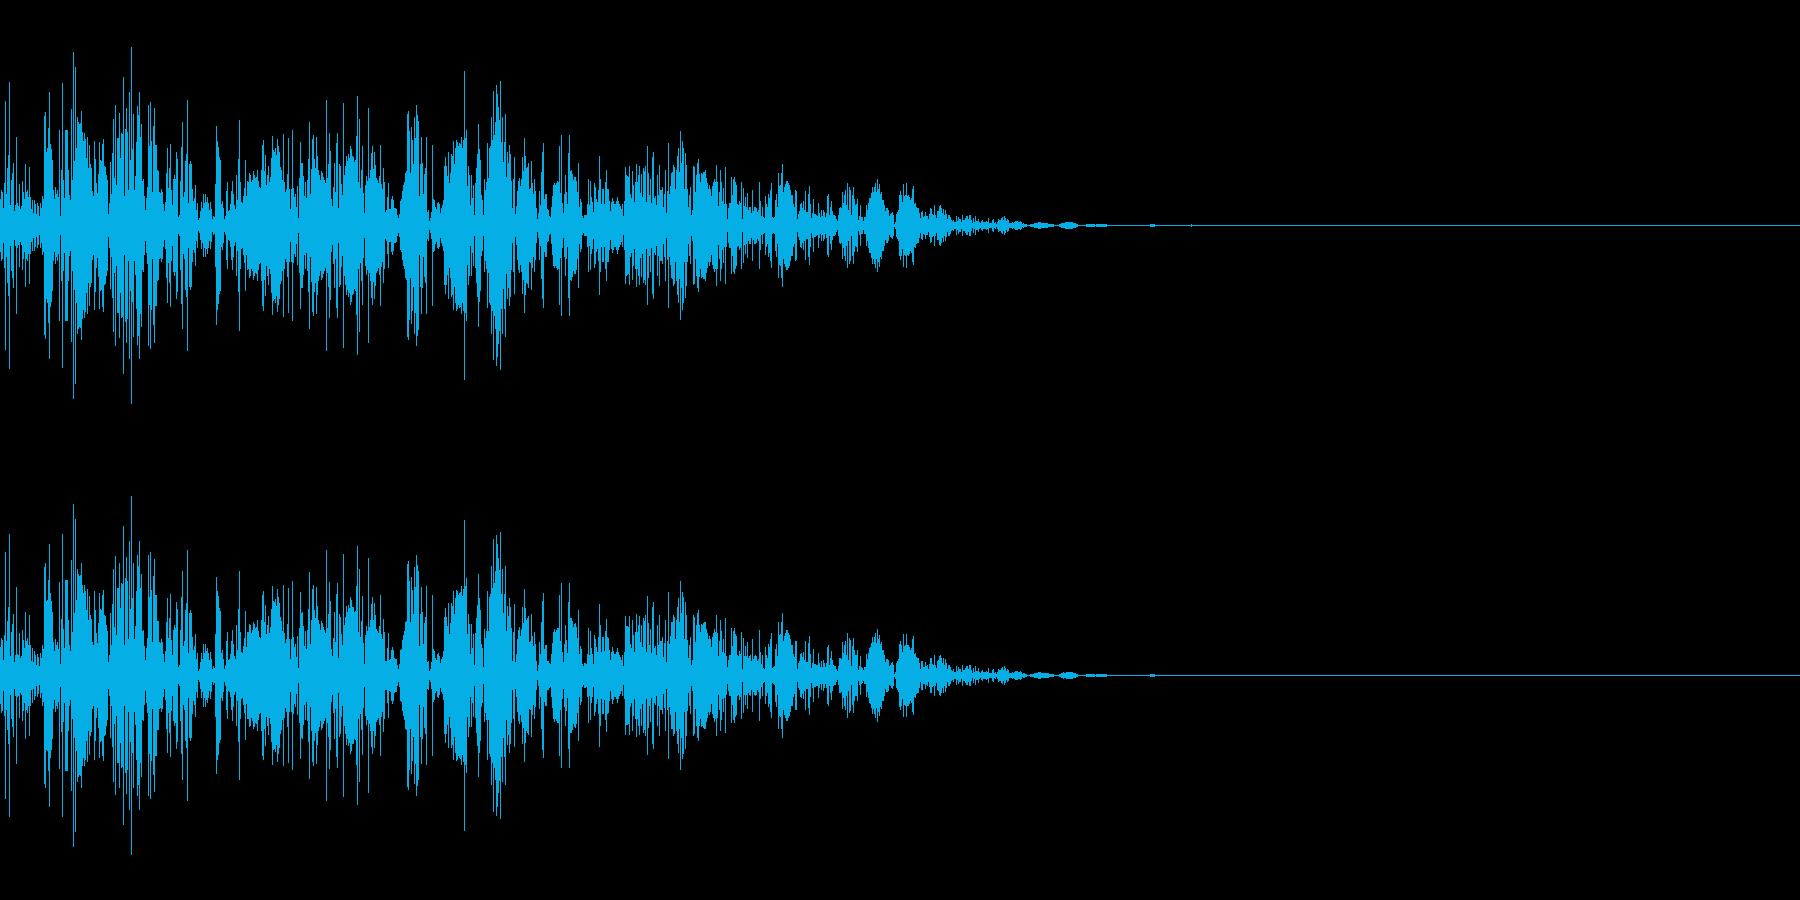 ドコッ(打撃/キック/中攻撃)の再生済みの波形